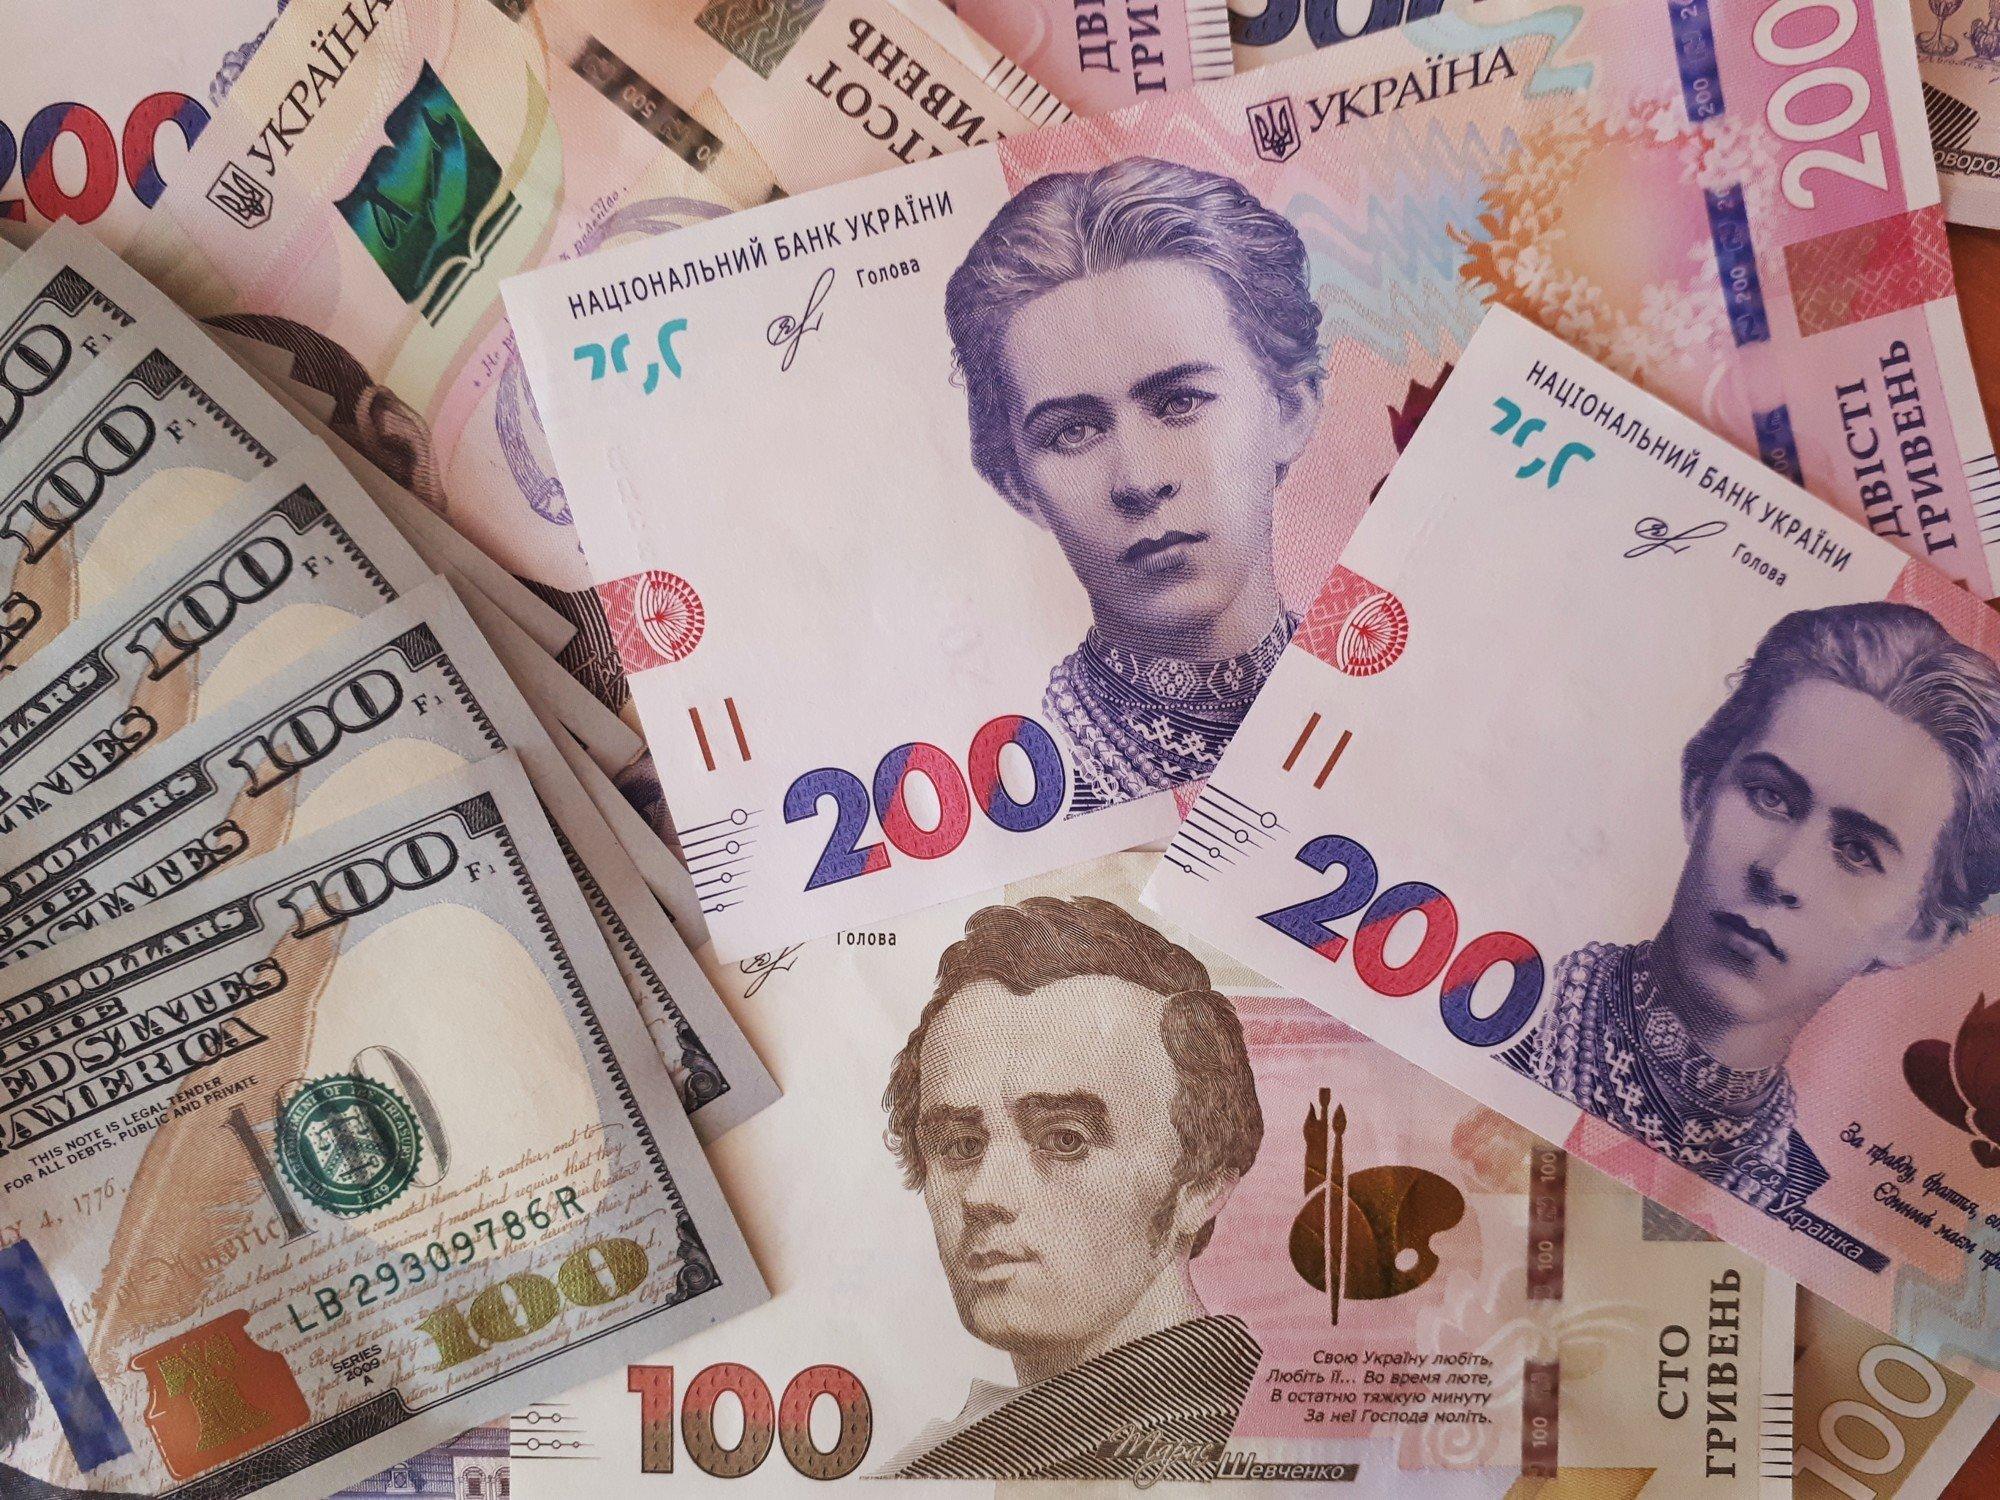 В Киеве мошенники обманули банк на 1,4 млн